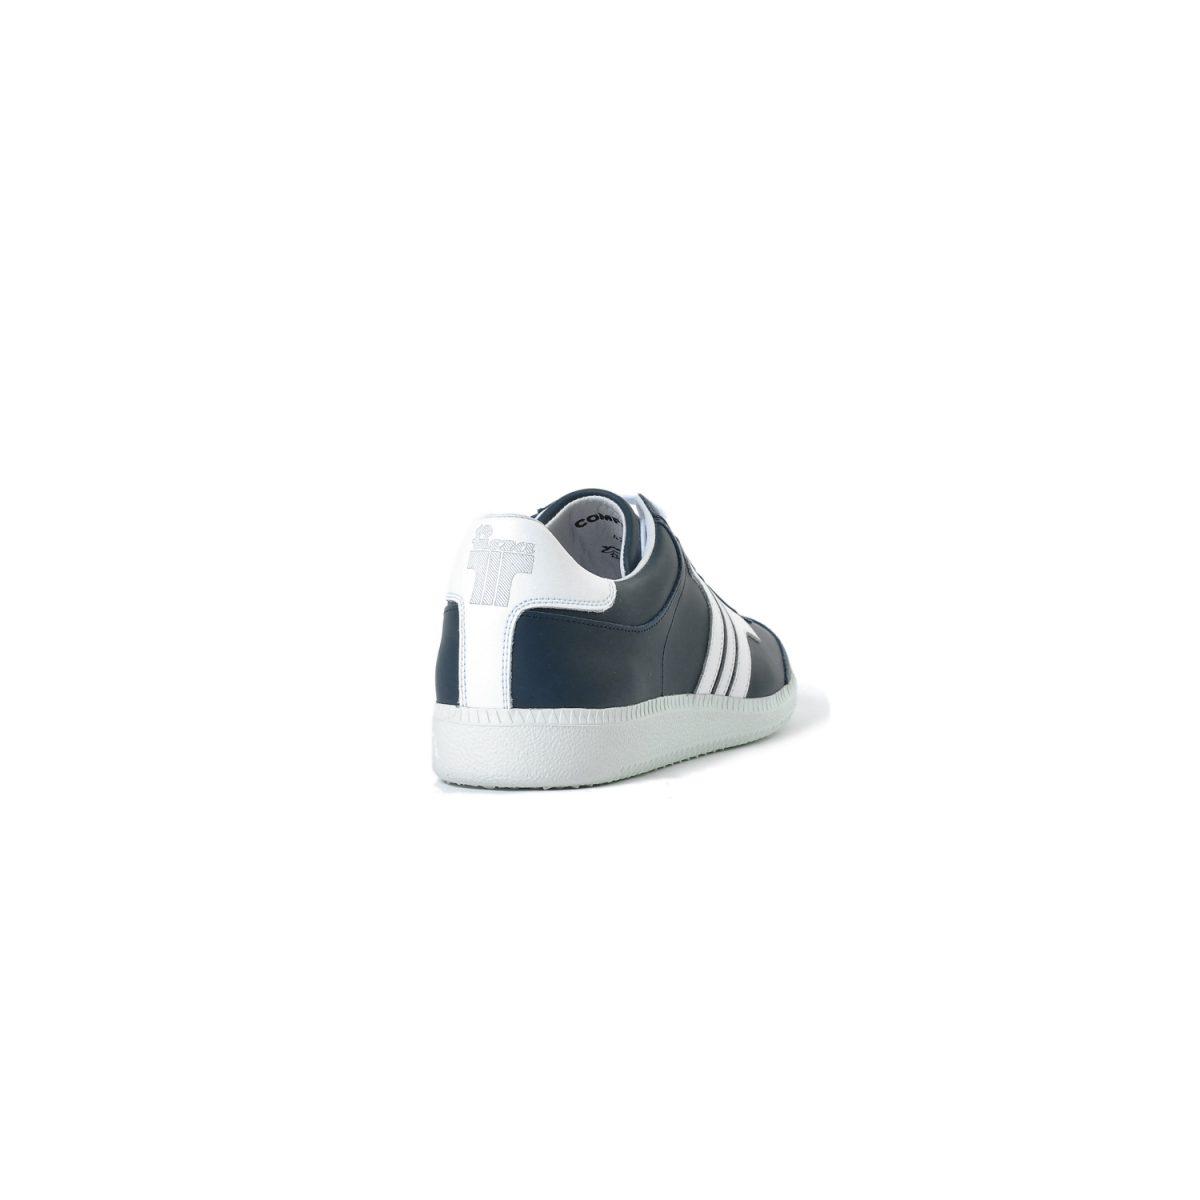 Tisza cipő - Compakt - Sötétkék-fehér